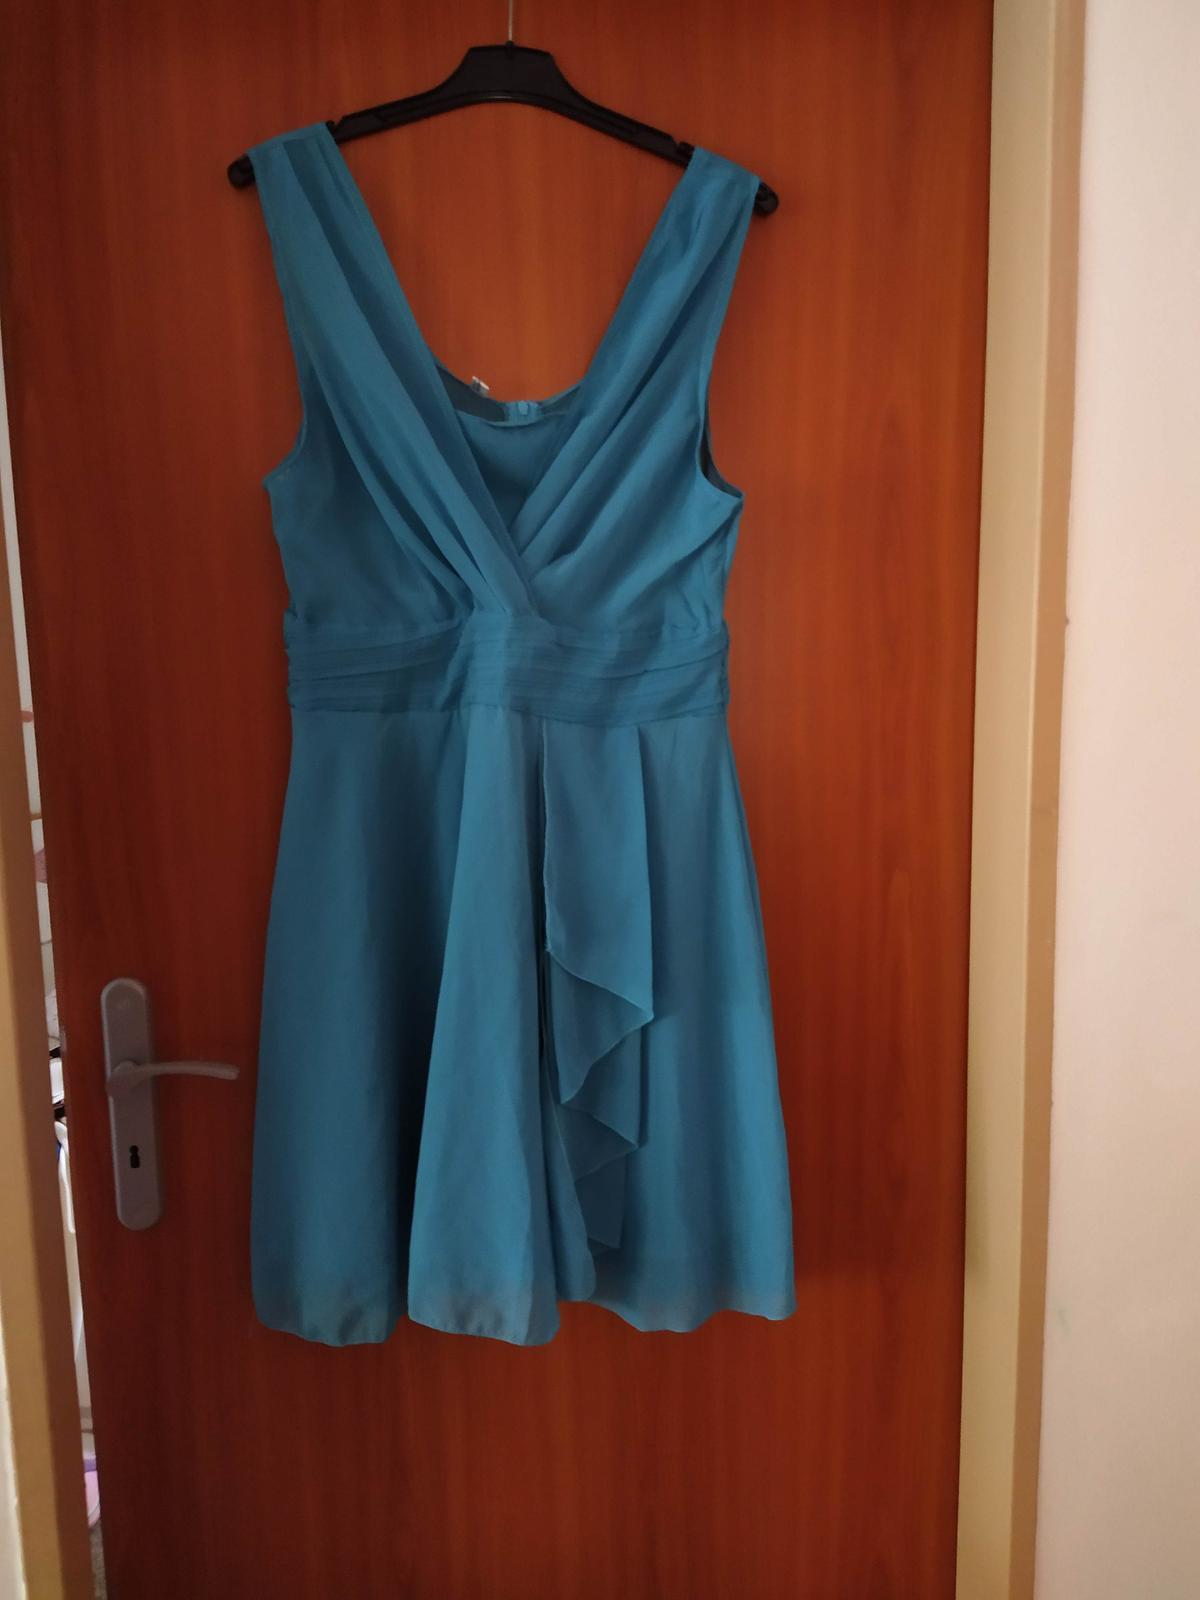 společenské šaty vel XL - Obrázek č. 1